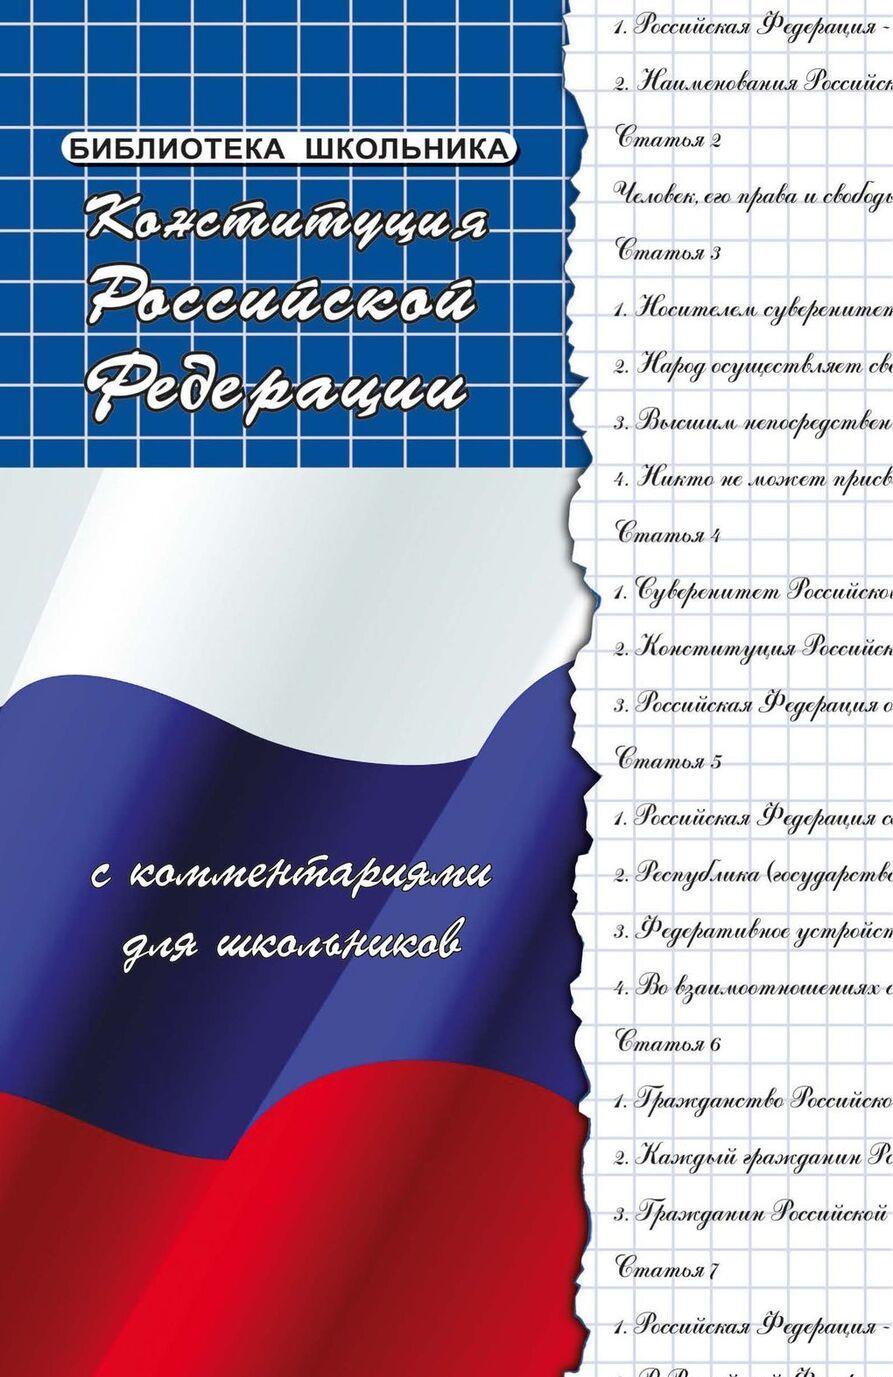 Konstitutsija RF s kommentarijami dlja shkolnikov dp